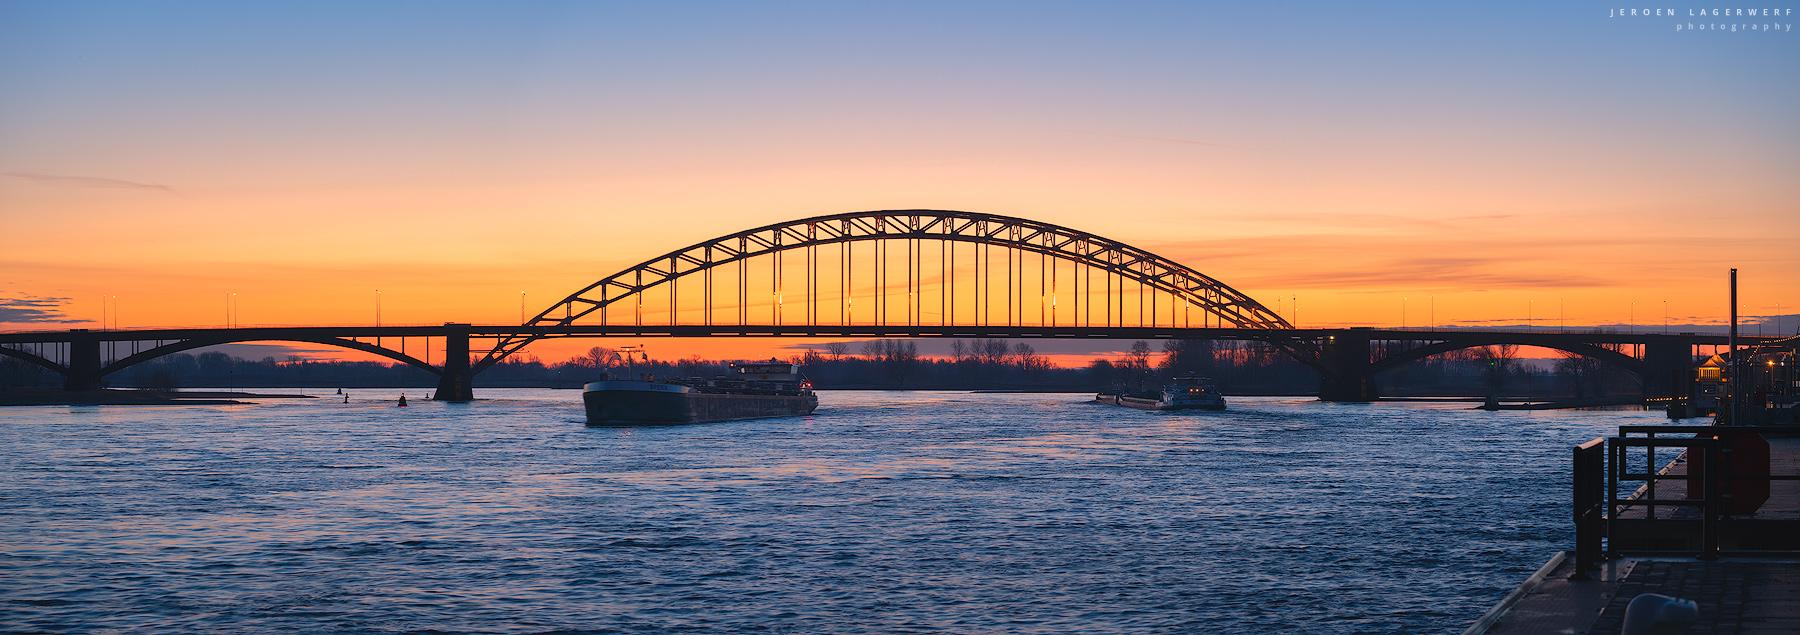 Waalbrug panorama